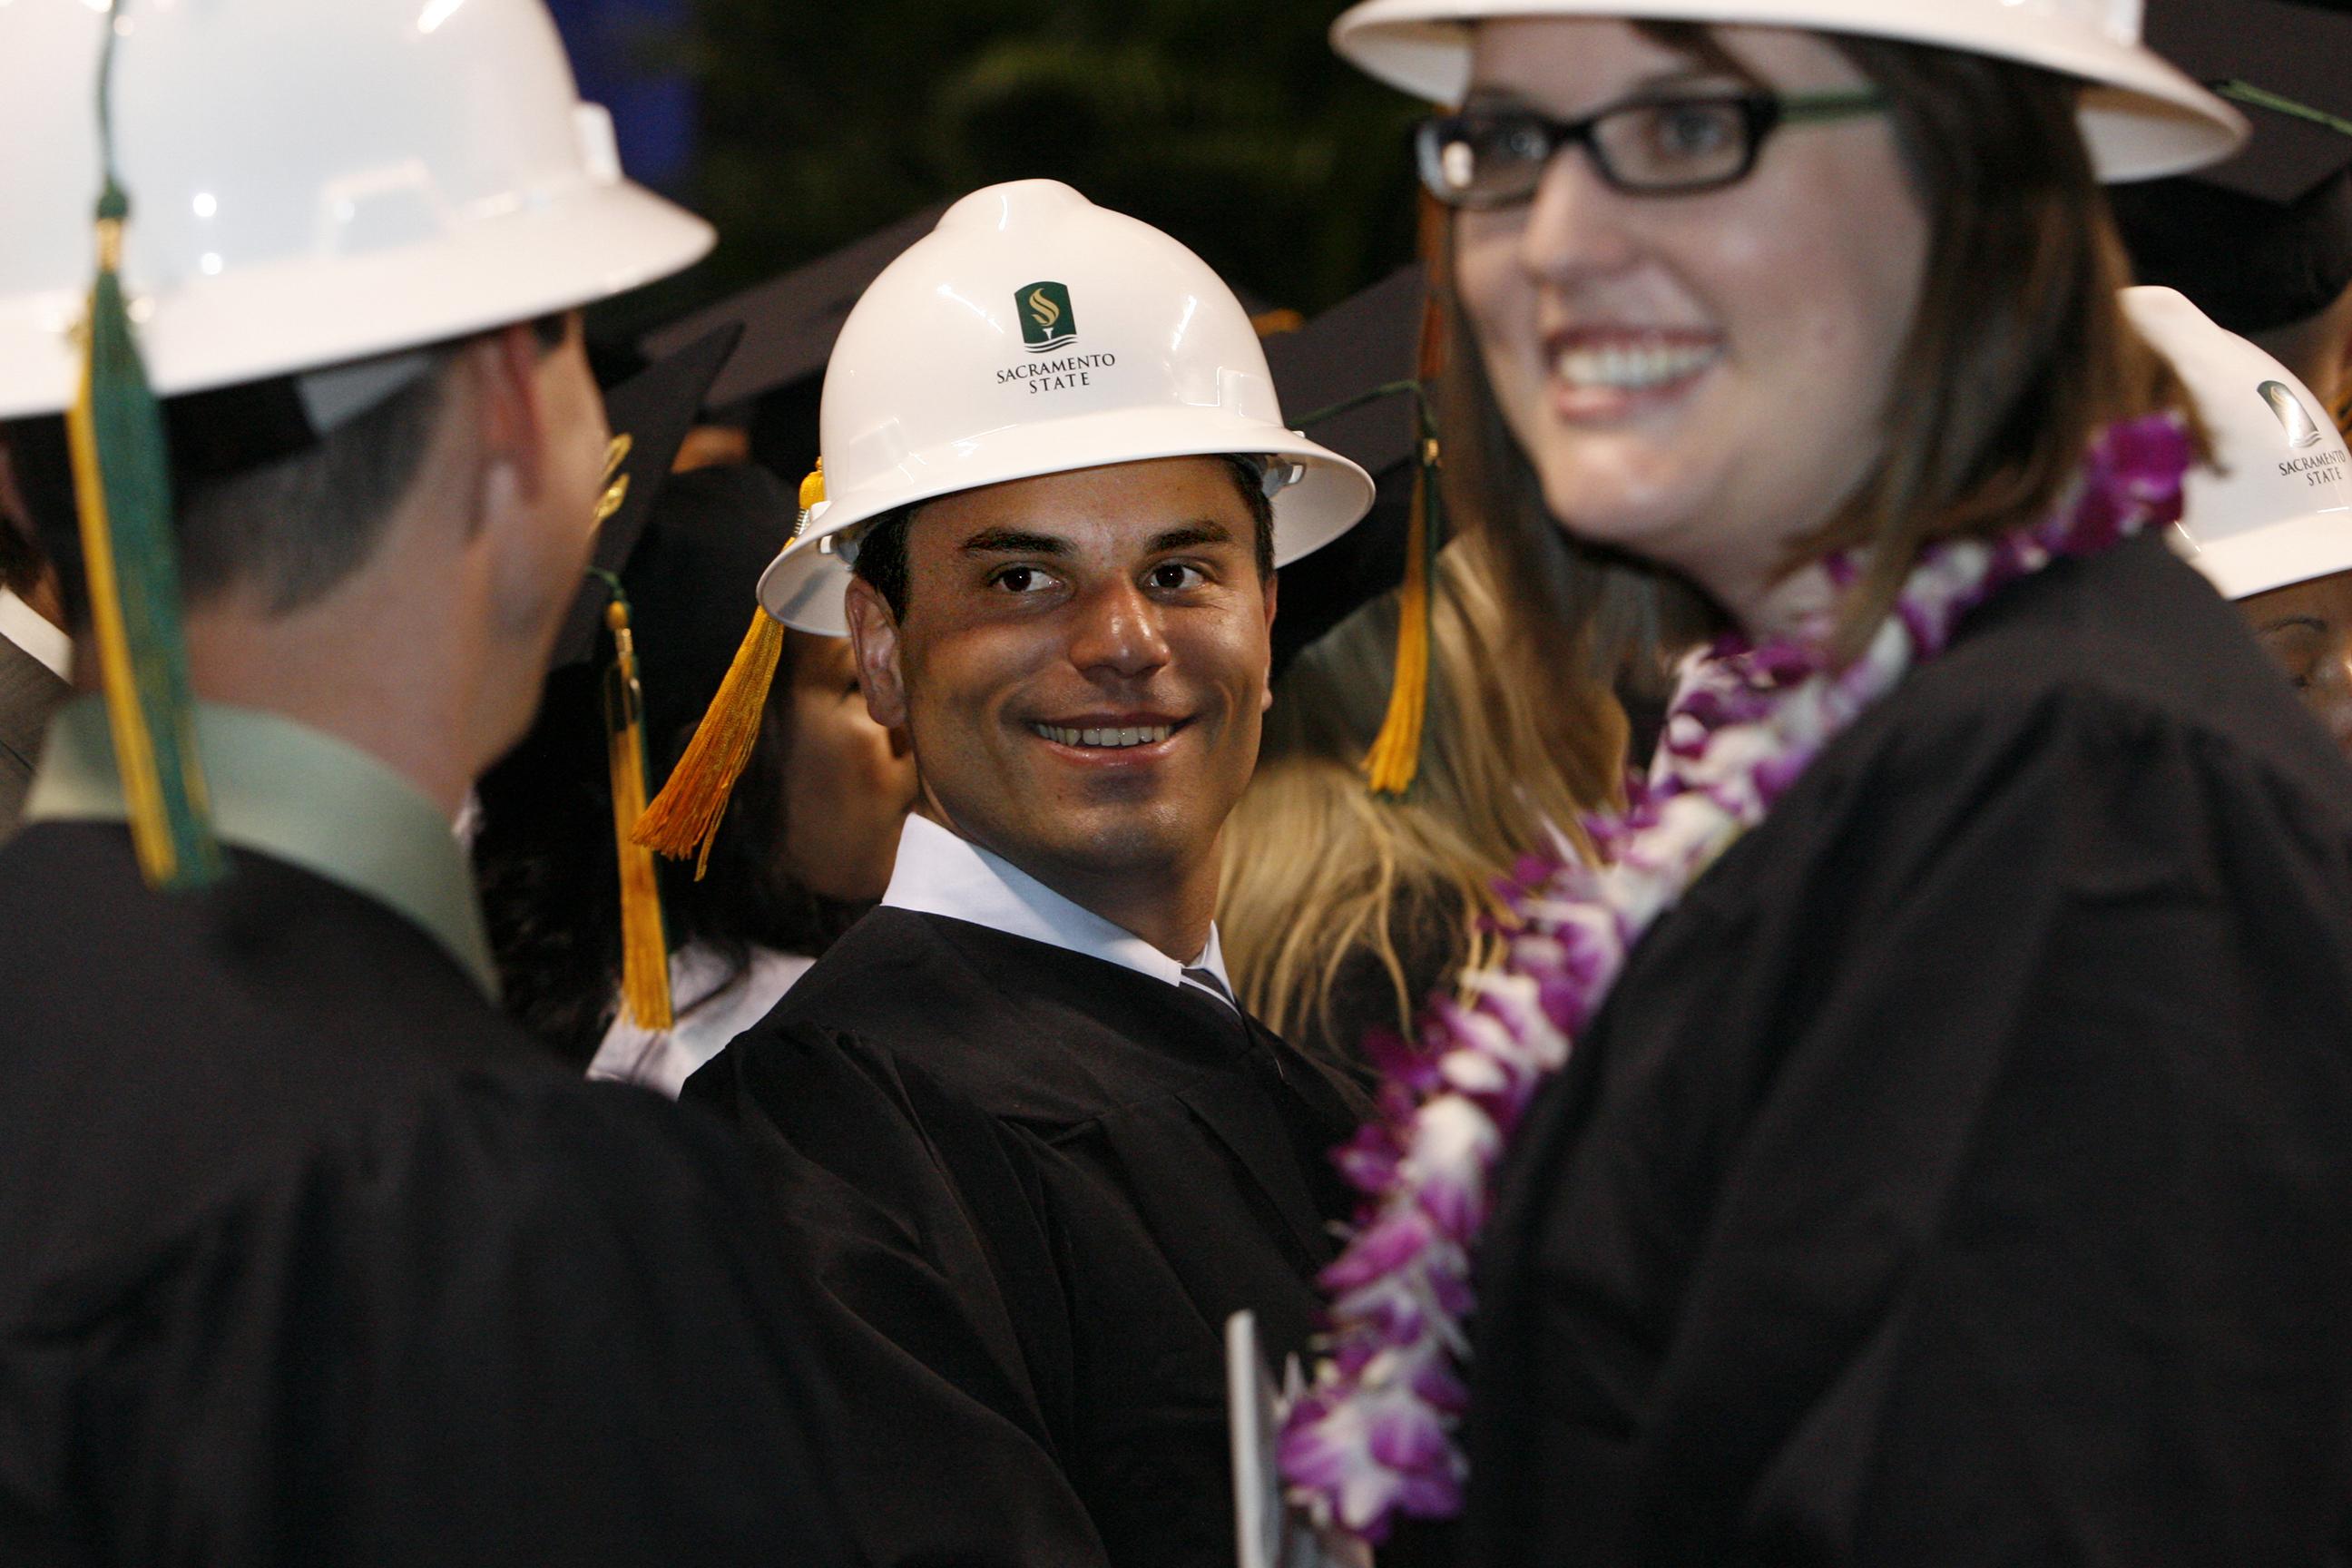 Construction Management grads